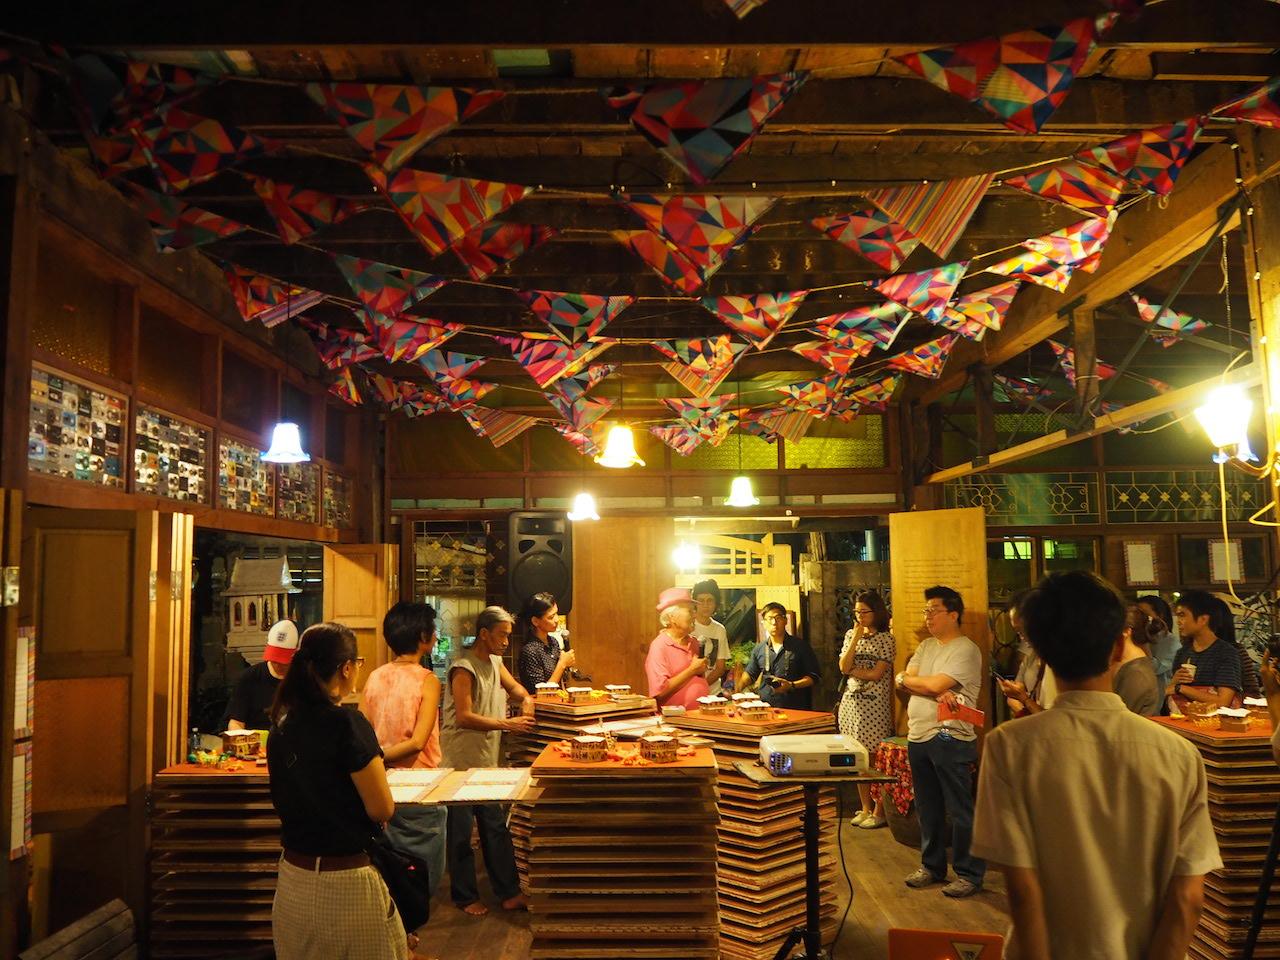 Exhibition at the new community space at the Dancing House in Nang Lerng, Bangkok